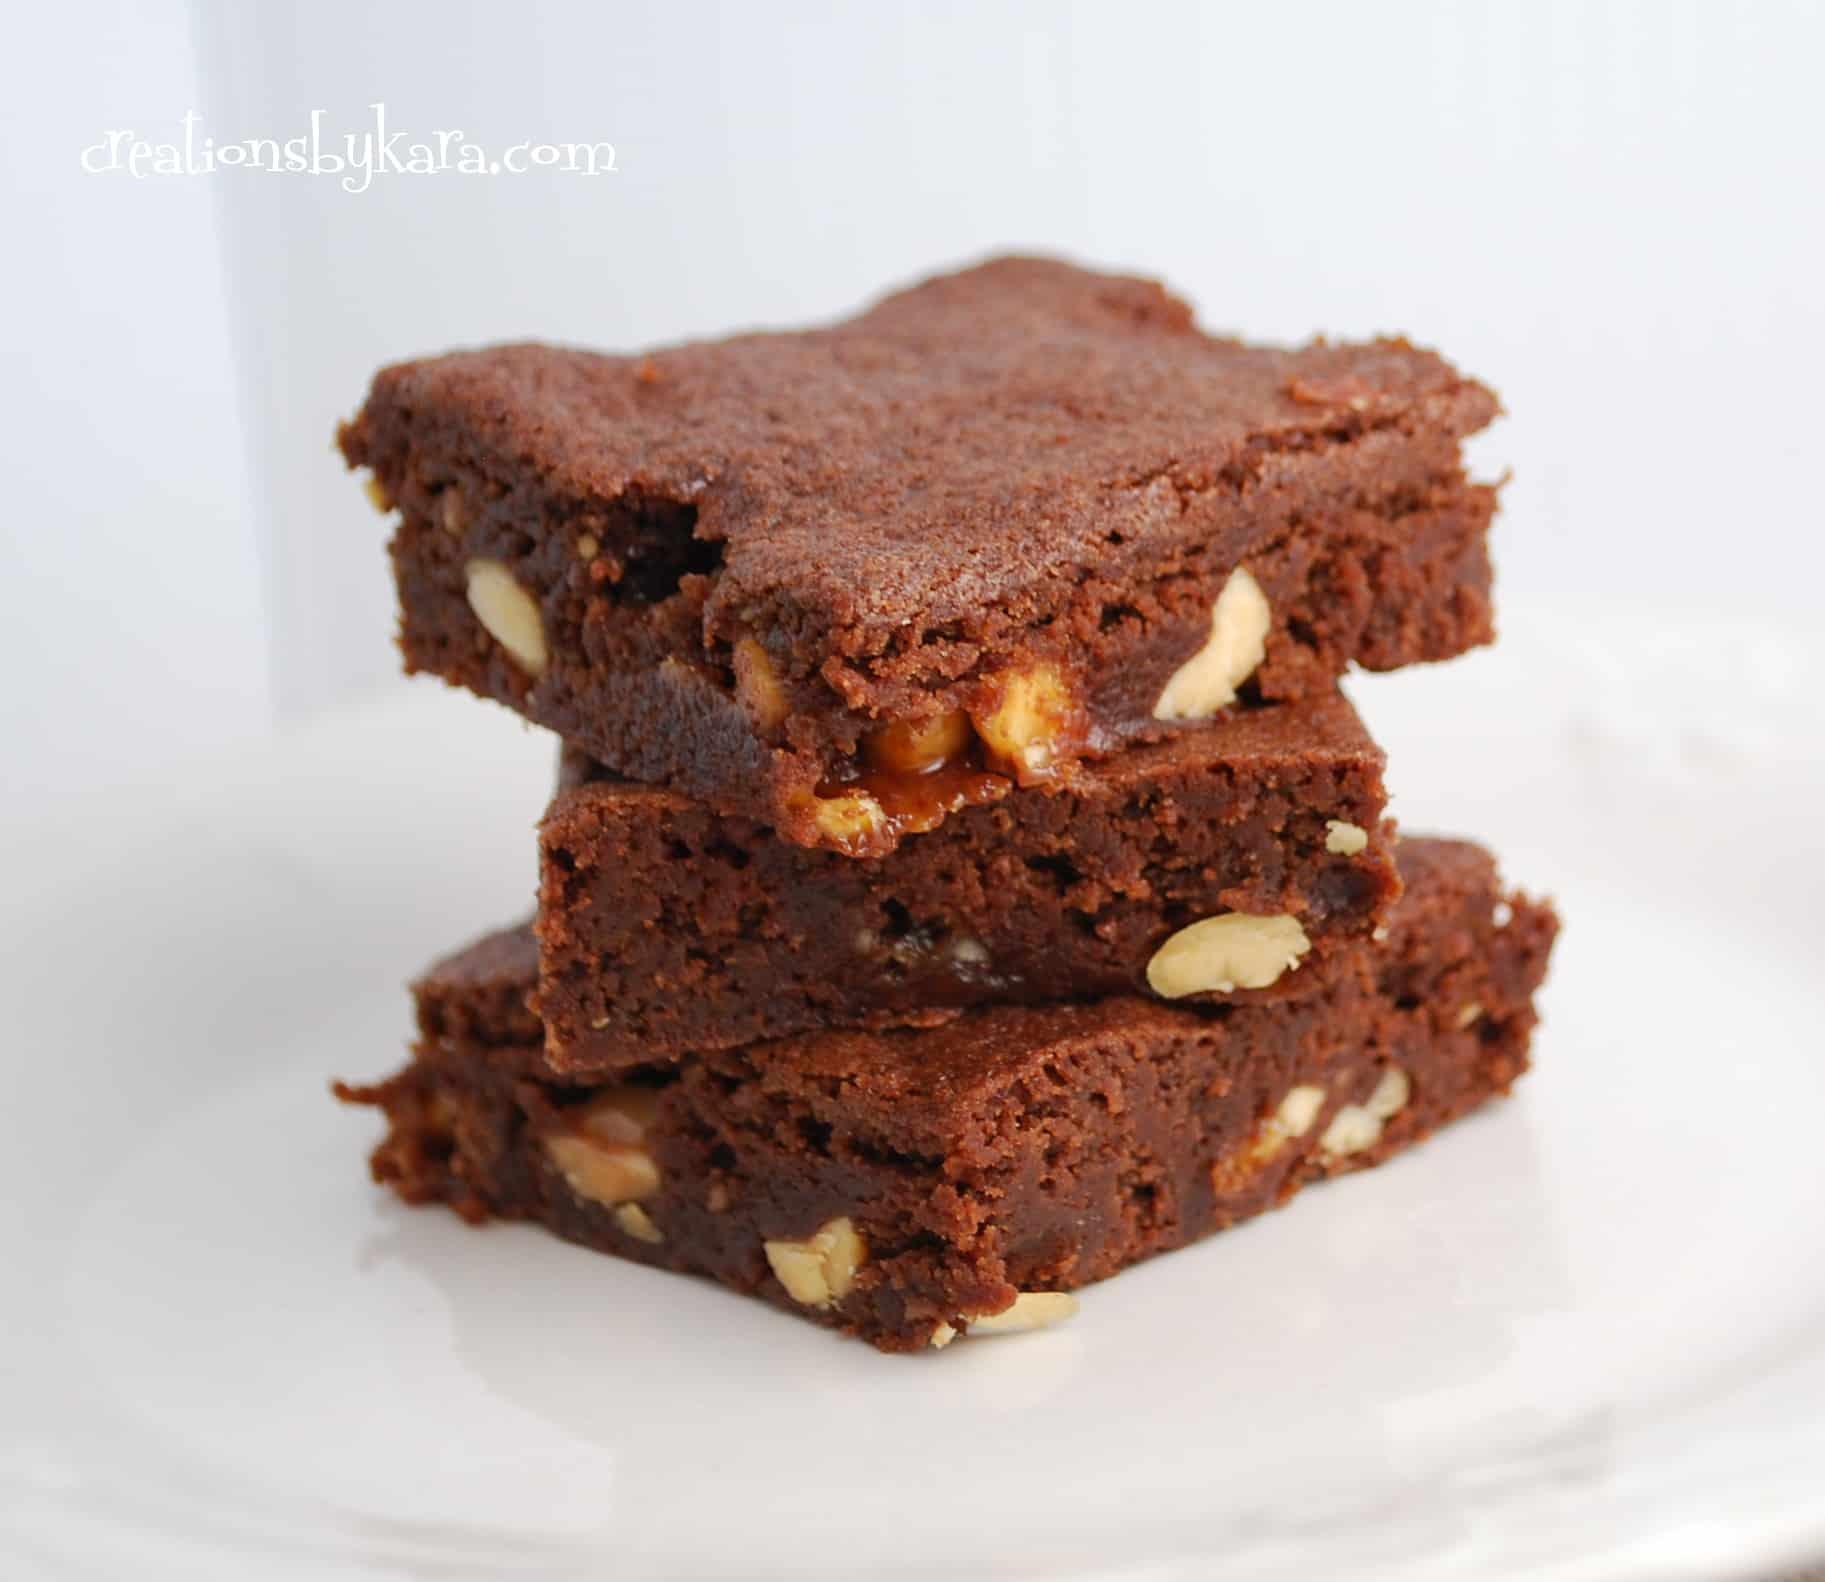 snickers brownies 003 - Creations by Kara